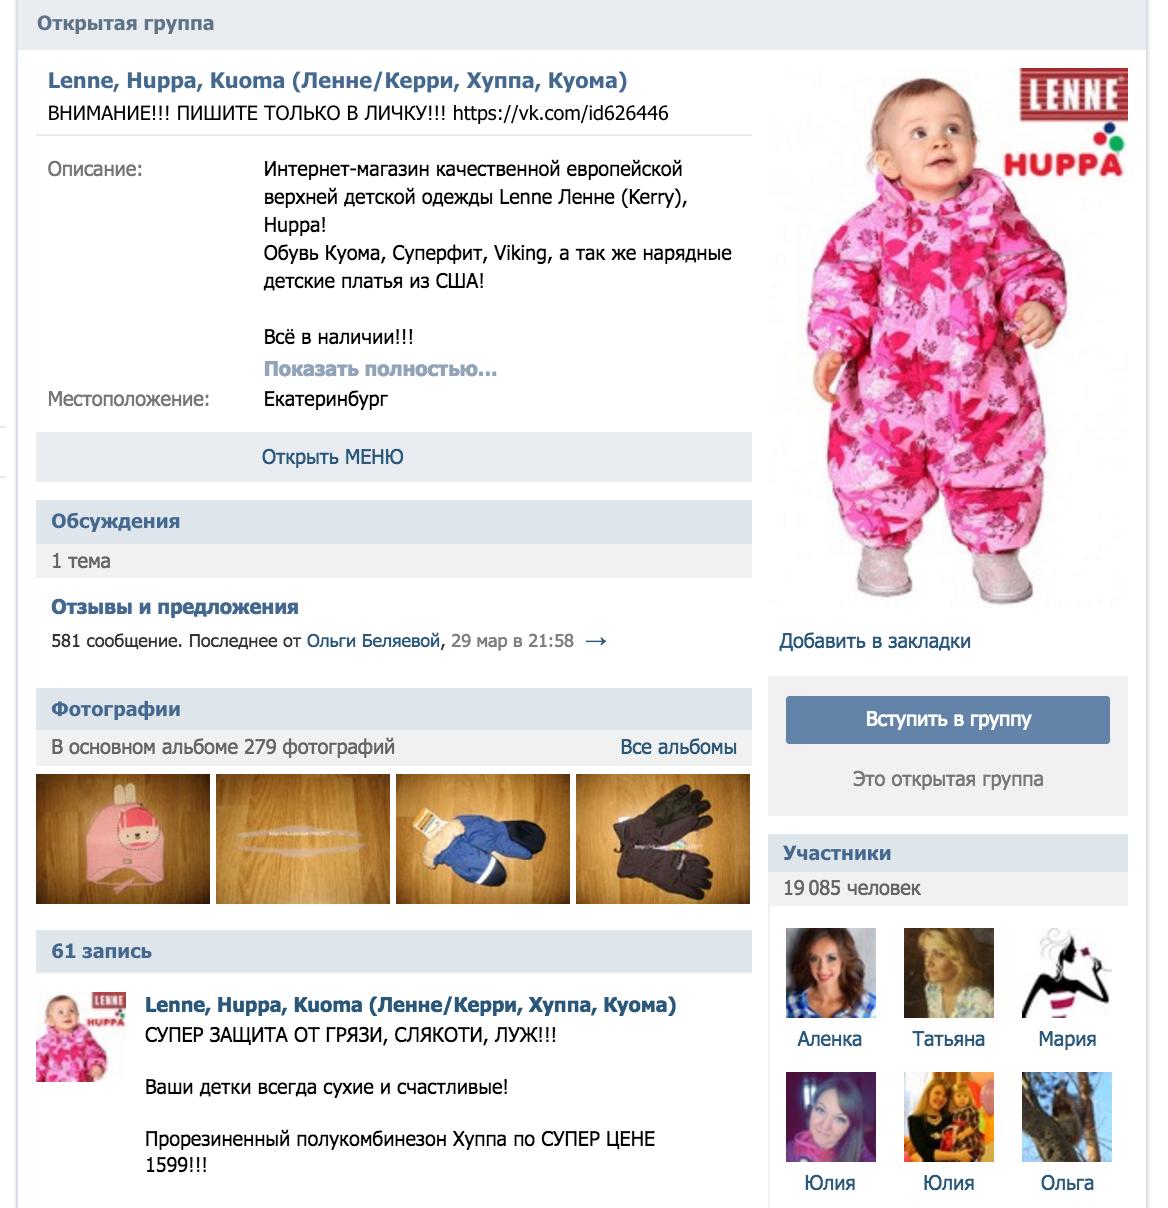 """Продвижения группы  """"Верхняя детская одежда"""""""